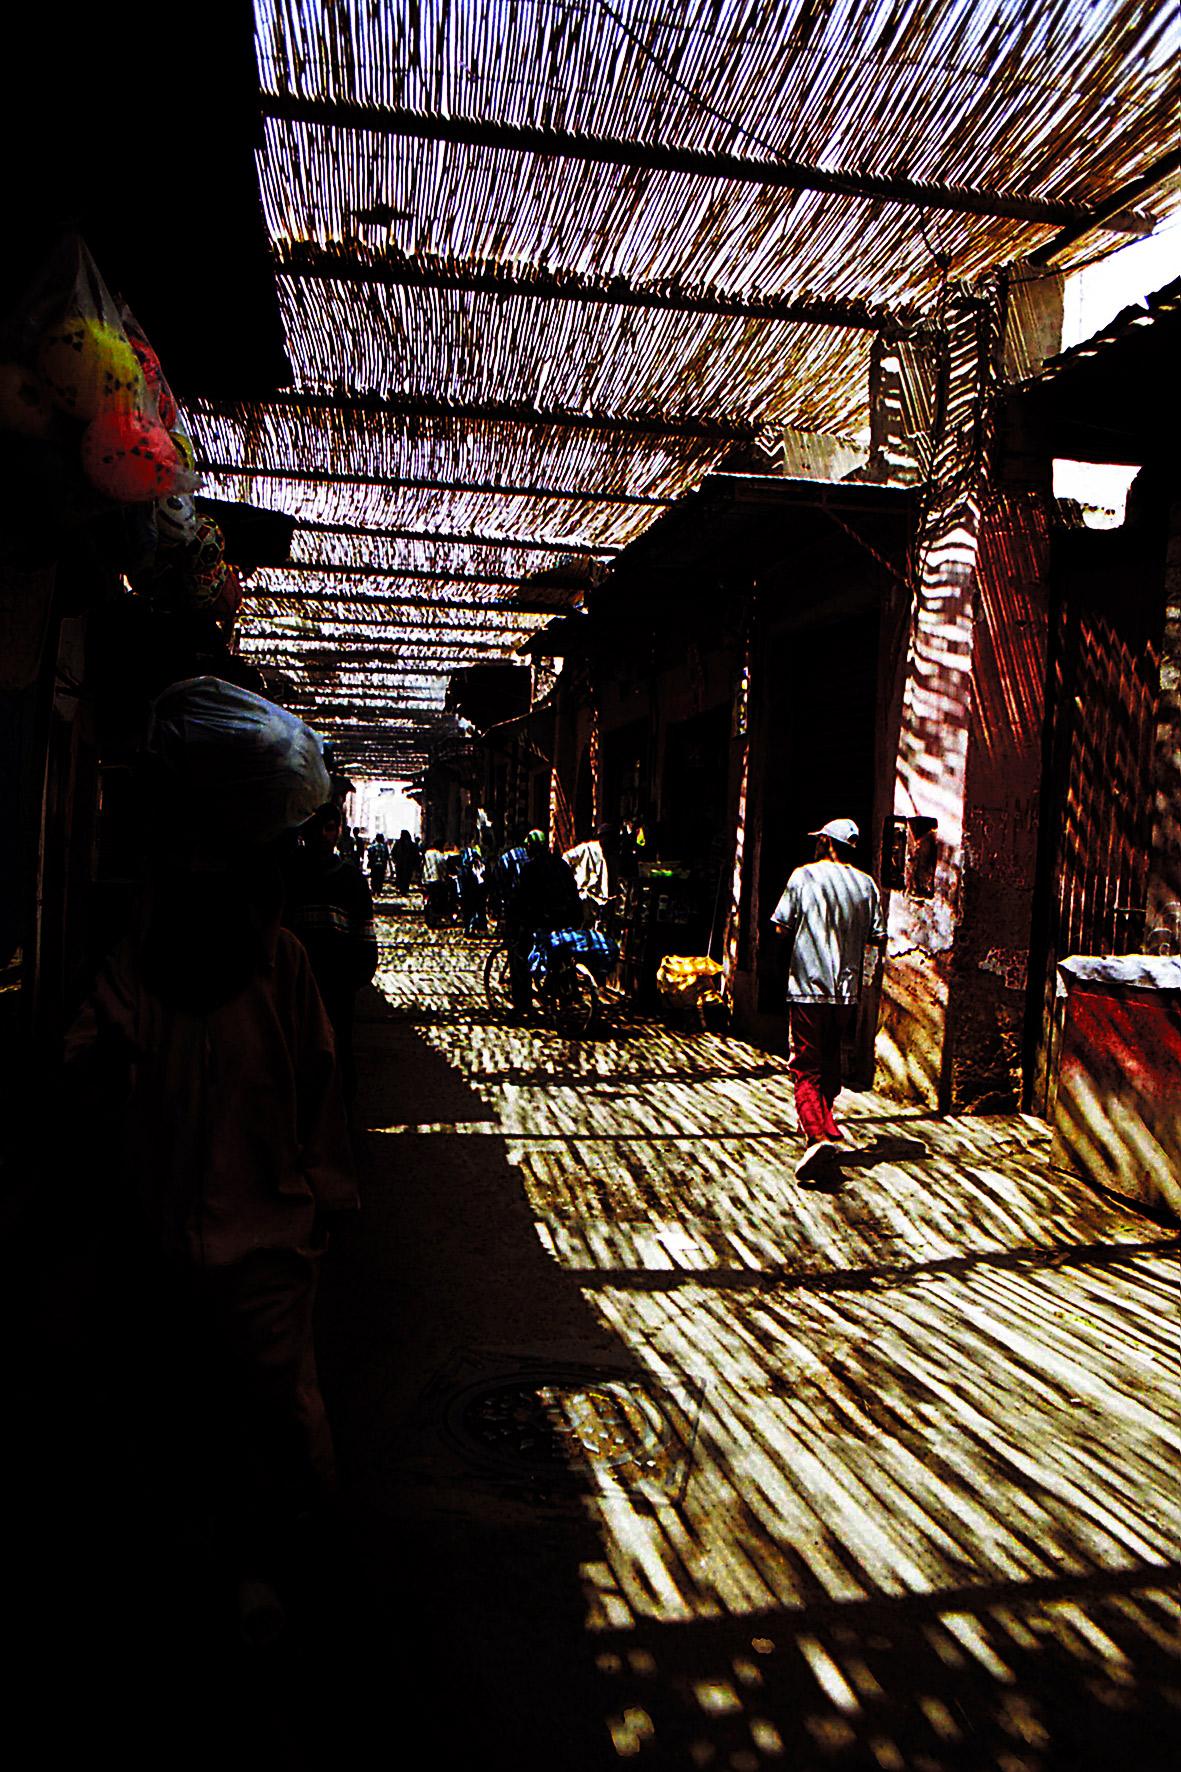 #Afrique 8. Maroc, Marrakech. 2004